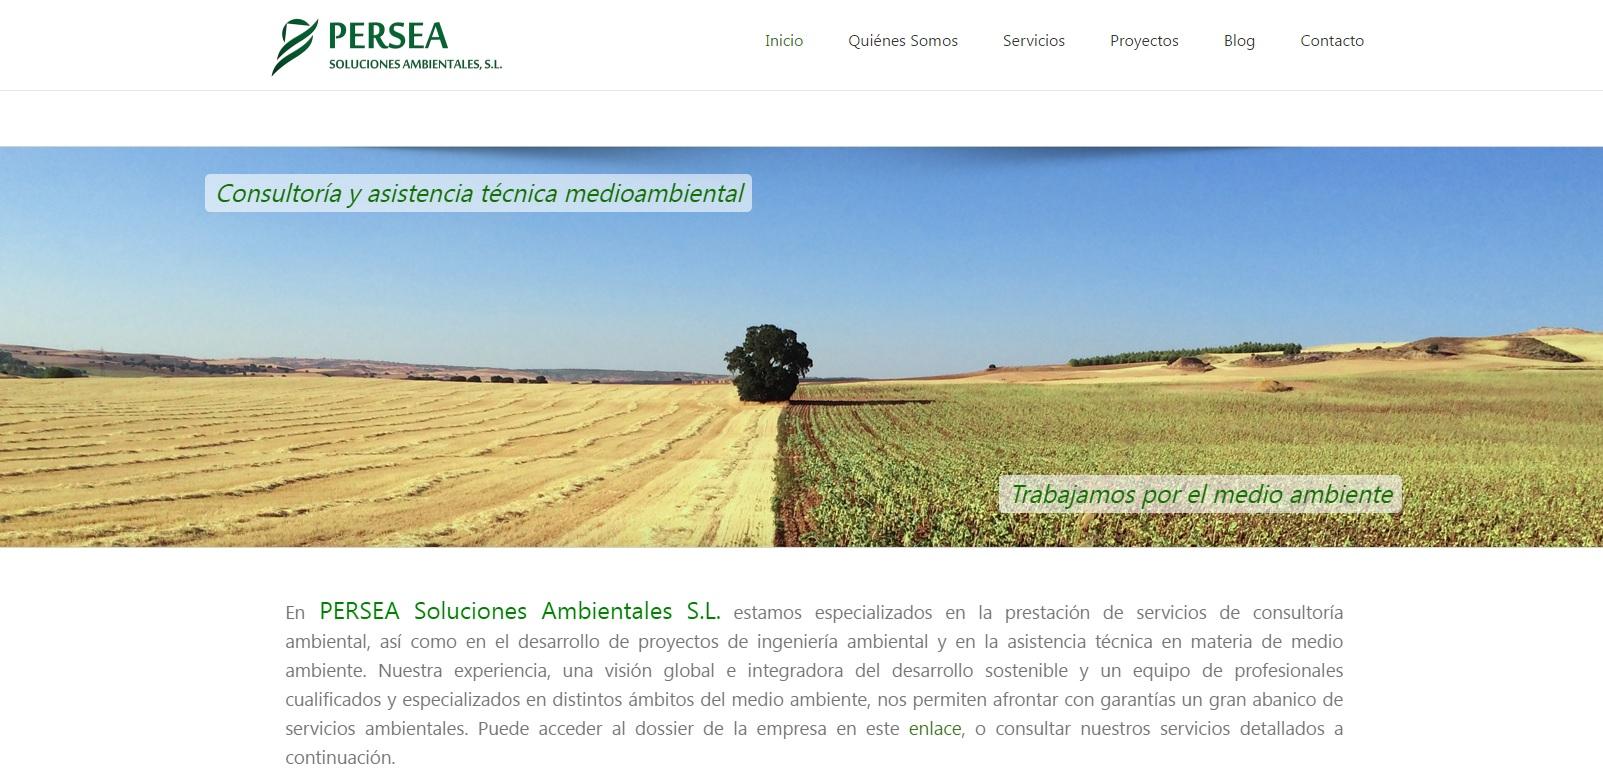 Portada de la página web de PERSEA Soluciones Ambientales